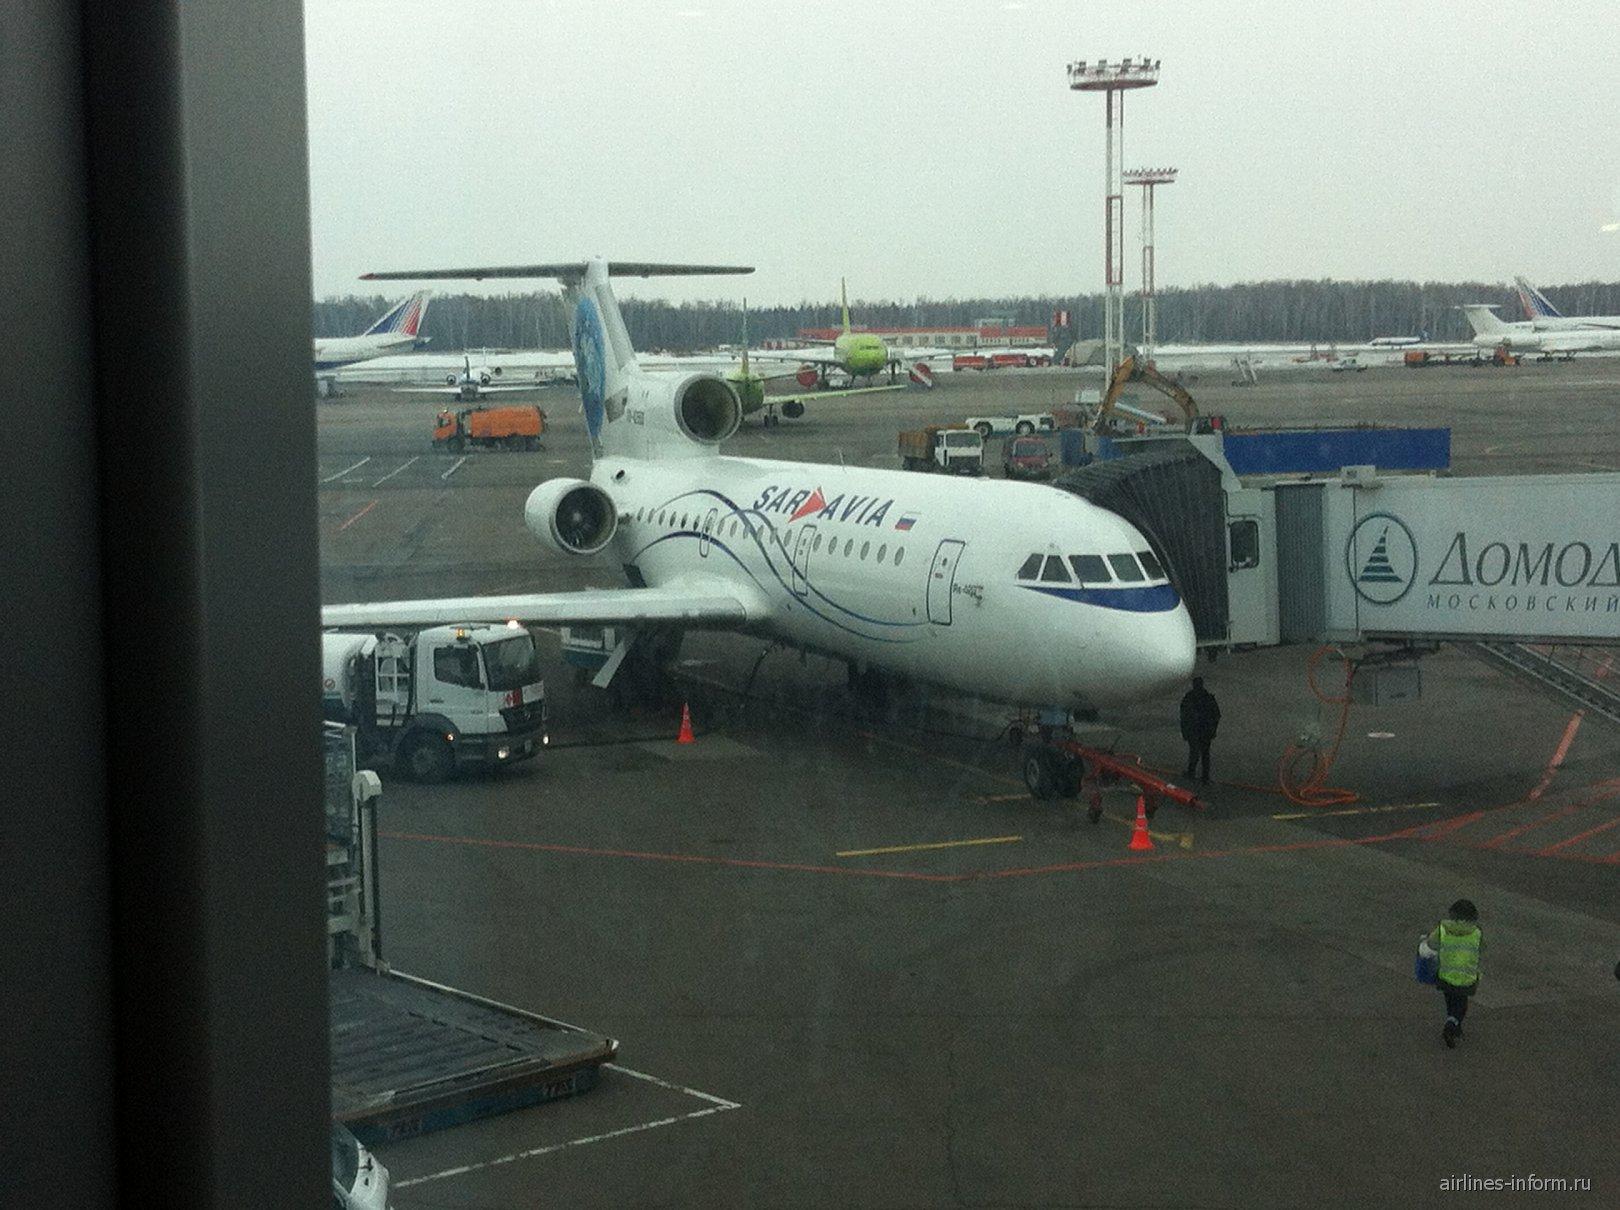 Як-42 авиакомпании Саравиа в аэропорту Домодедово